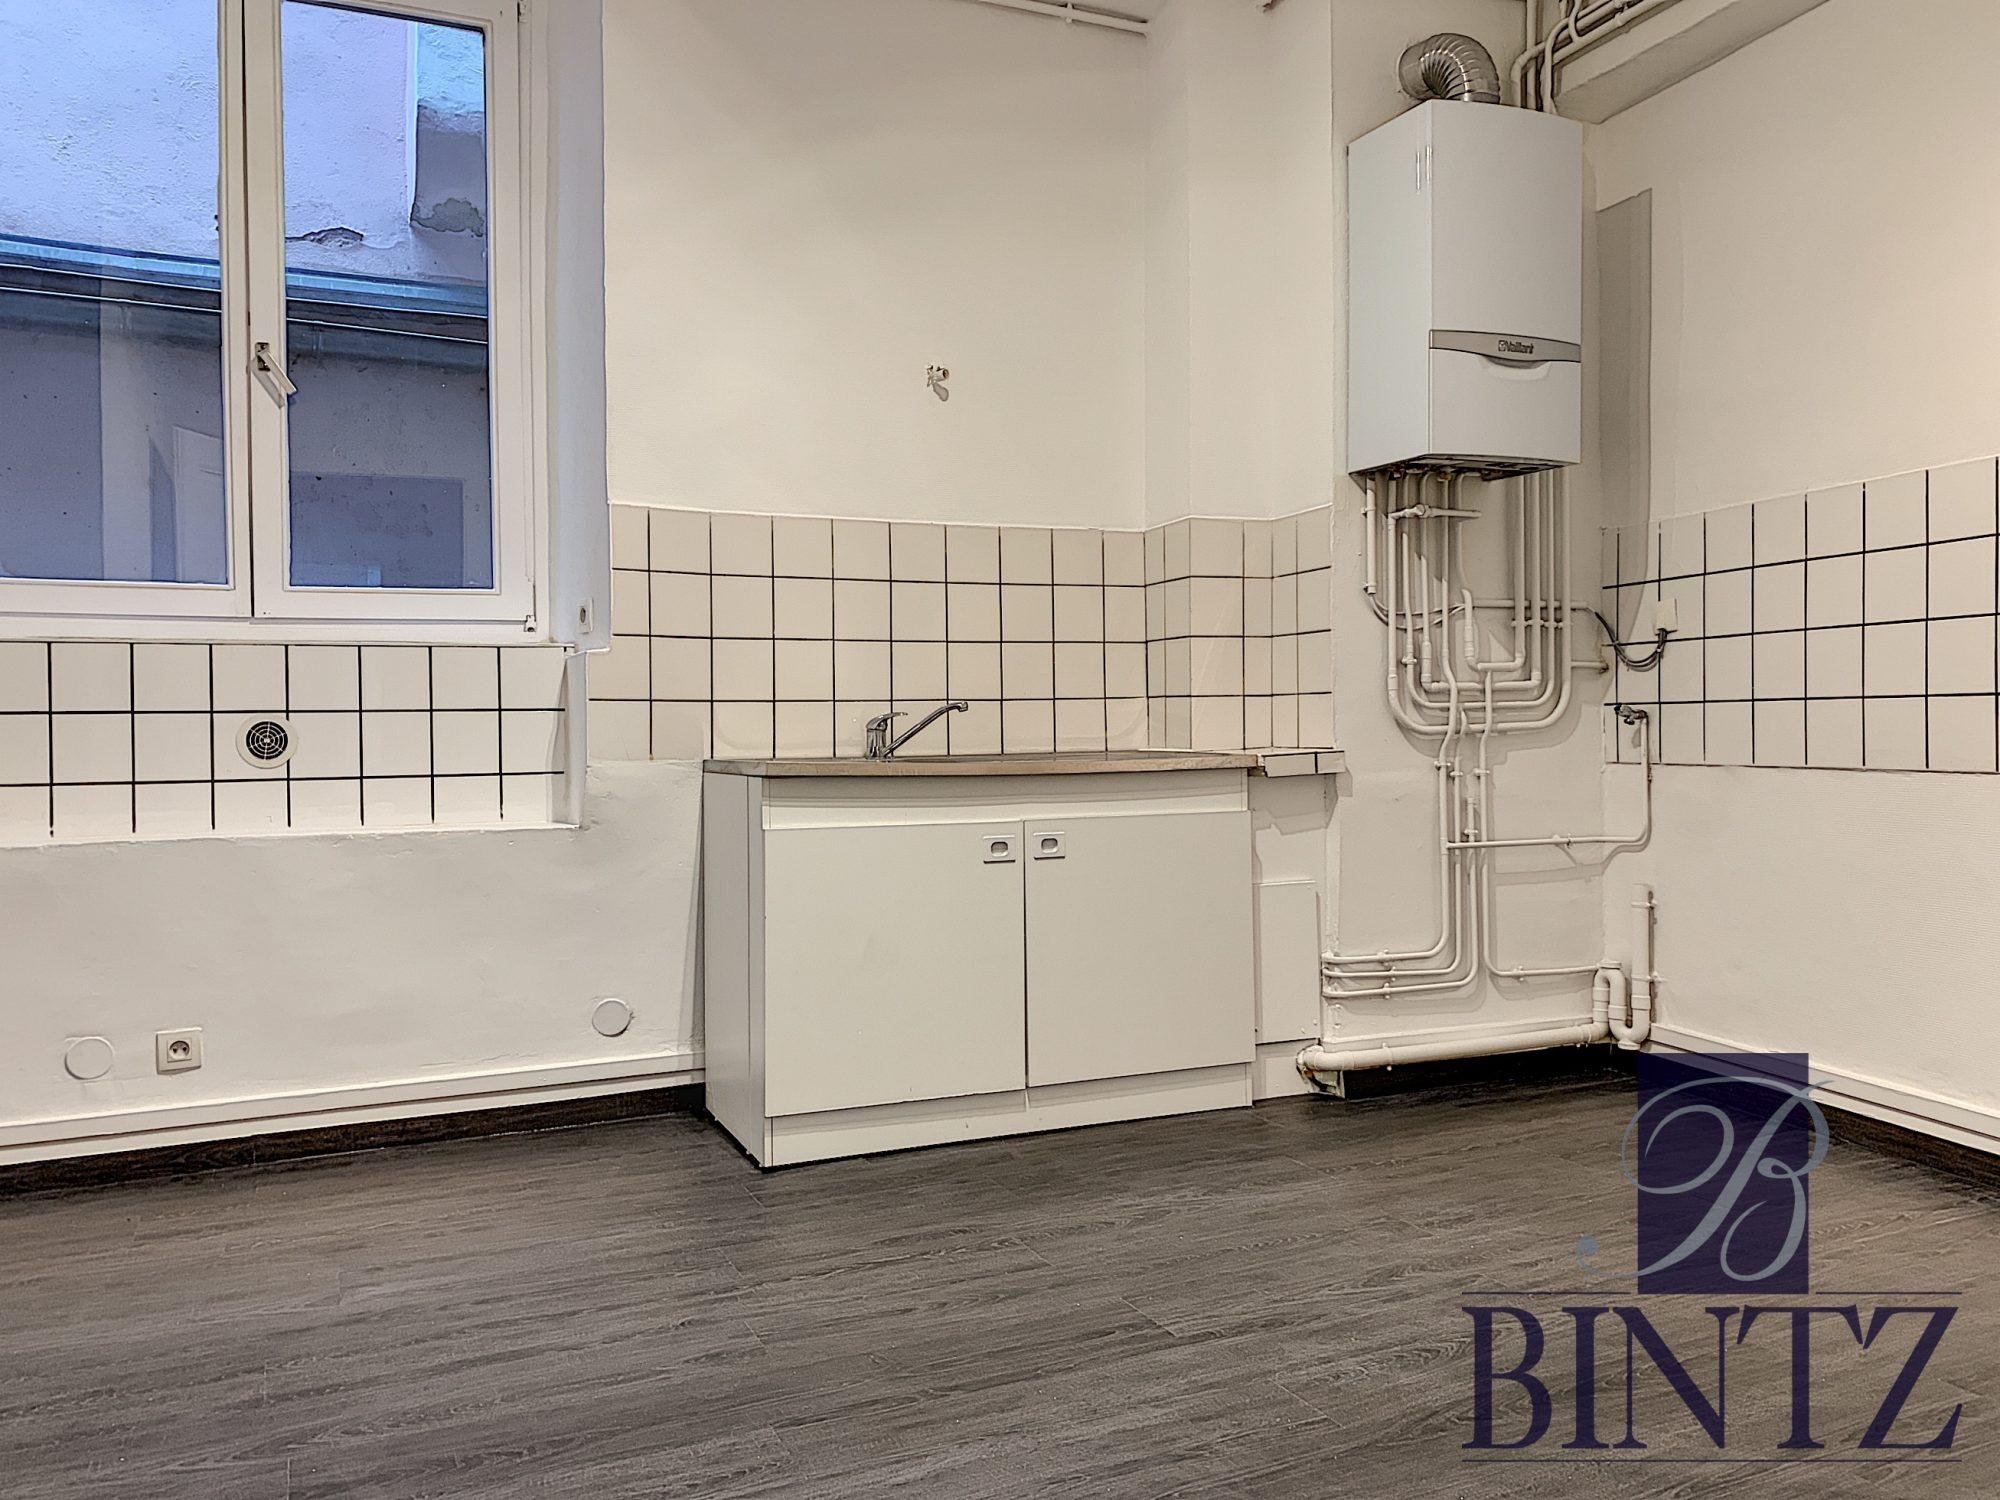 4 PIÈCES FACE A LA CATHÉDRALE - Devenez locataire en toute sérénité - Bintz Immobilier - 5